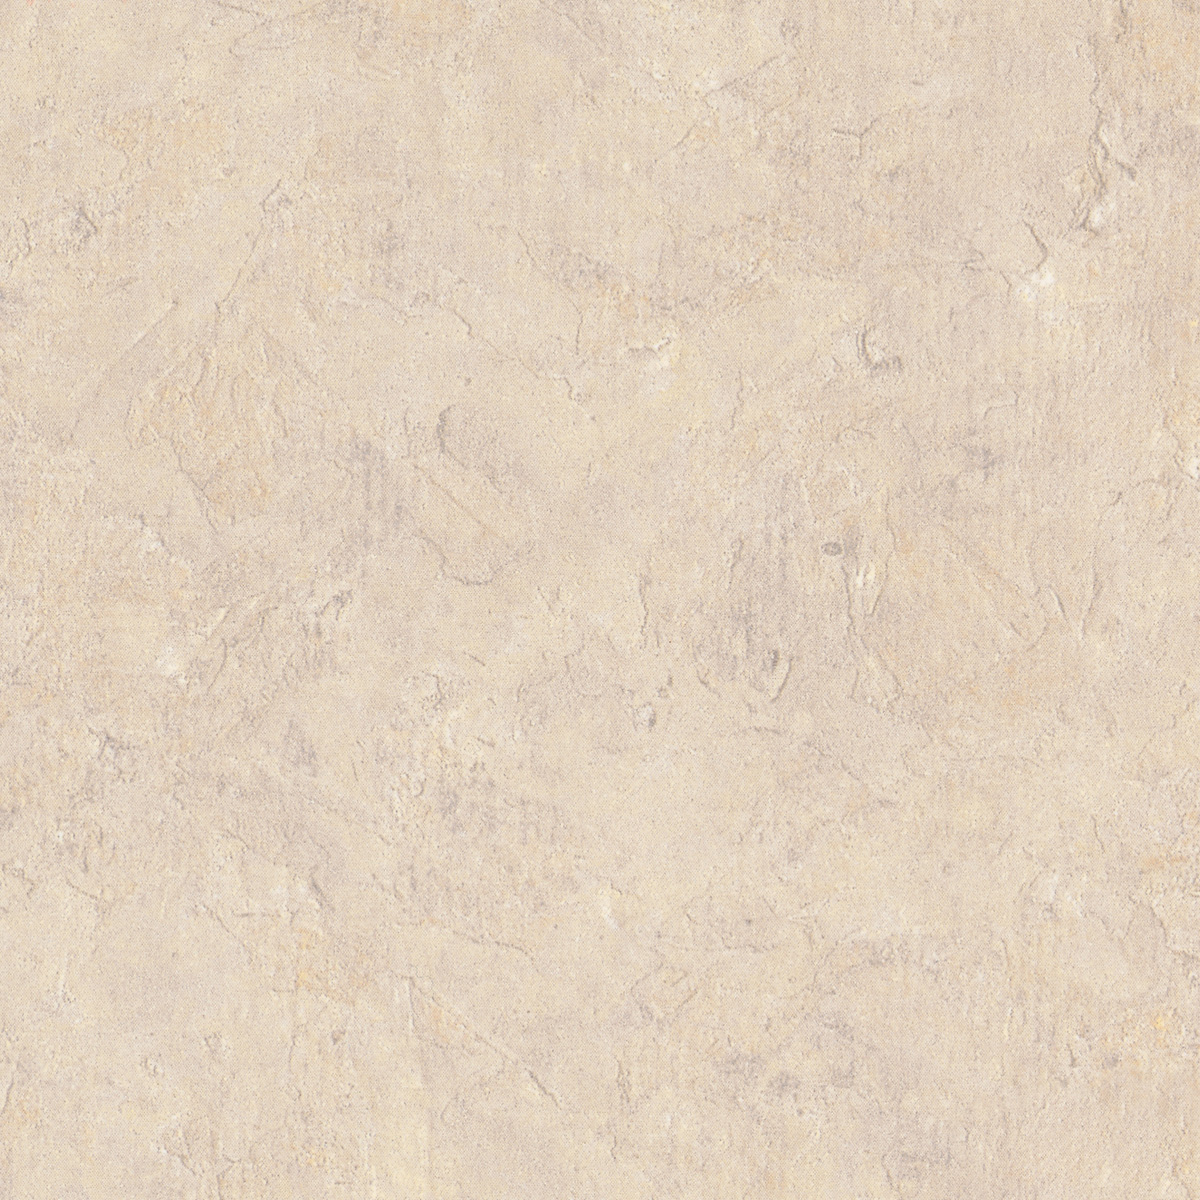 7022 Natural Canvas - Formica